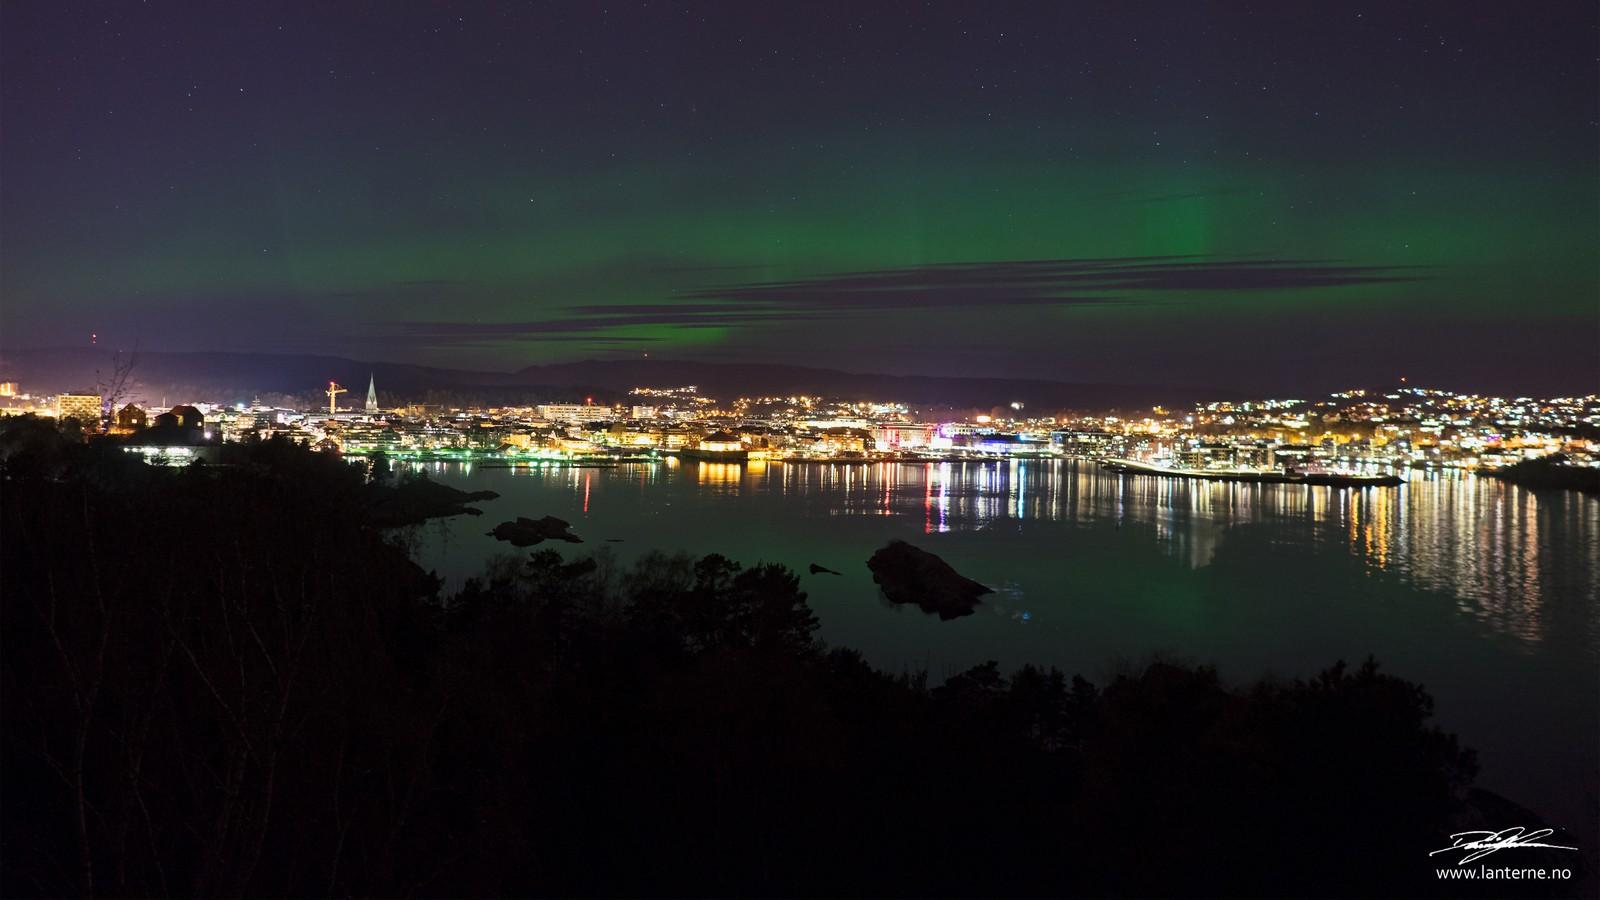 Nordlyset kunne sees godt over Kristiansand sentrum natt til tirsdag. Dette bildet er tatt fra Odderøya.